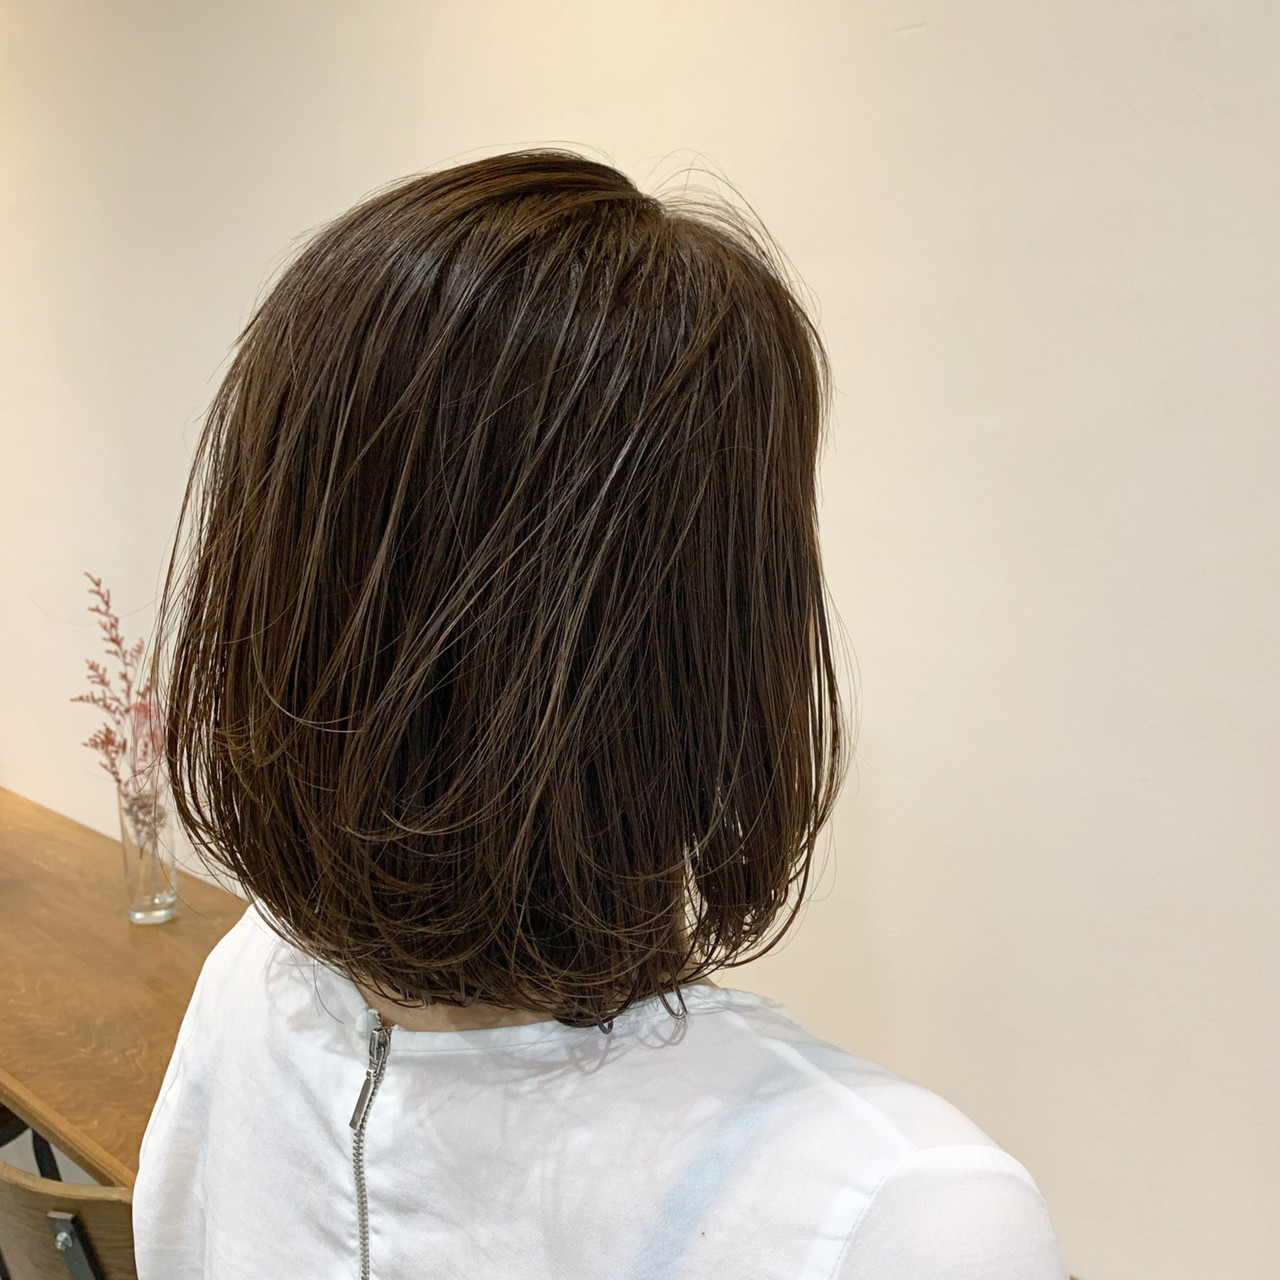 ボブ アンニュイほつれヘア 大人グラボブ ショートヘア ヘアスタイルや髪型の写真・画像 | cazu / Taylor